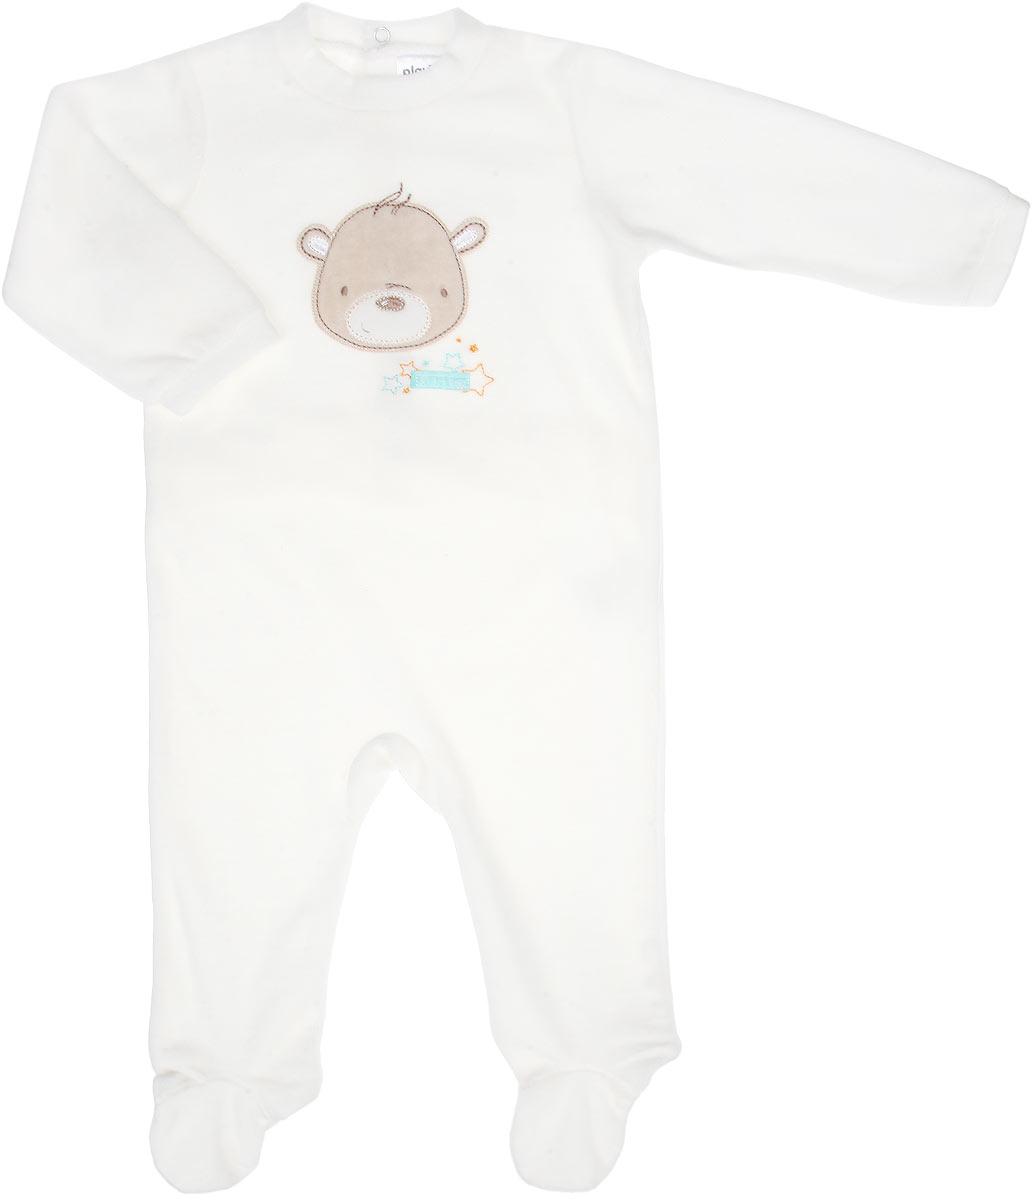 167855Комбинезон для мальчика PlayToday Baby идеально подойдет вашему малышу. Изготовленный из нежнейшего велюра, он необычайно мягкий и легкий, не раздражает нежную кожу ребенка и хорошо вентилируется, а эластичные швы приятны телу малыша и не препятствуют его движениям. Удобные застежки-кнопки спереди и на талии сзади помогают легко переодеть младенца или сменить подгузник. Комбинезон с закрытыми ножками и длинными рукавами однотонного цвета оформлен спереди нашивкой с изображением очаровательного медвежонка. Такой комбинезон полностью соответствуют особенностям жизни малыша в ранний период, не стесняя и не ограничивая его в движениях!